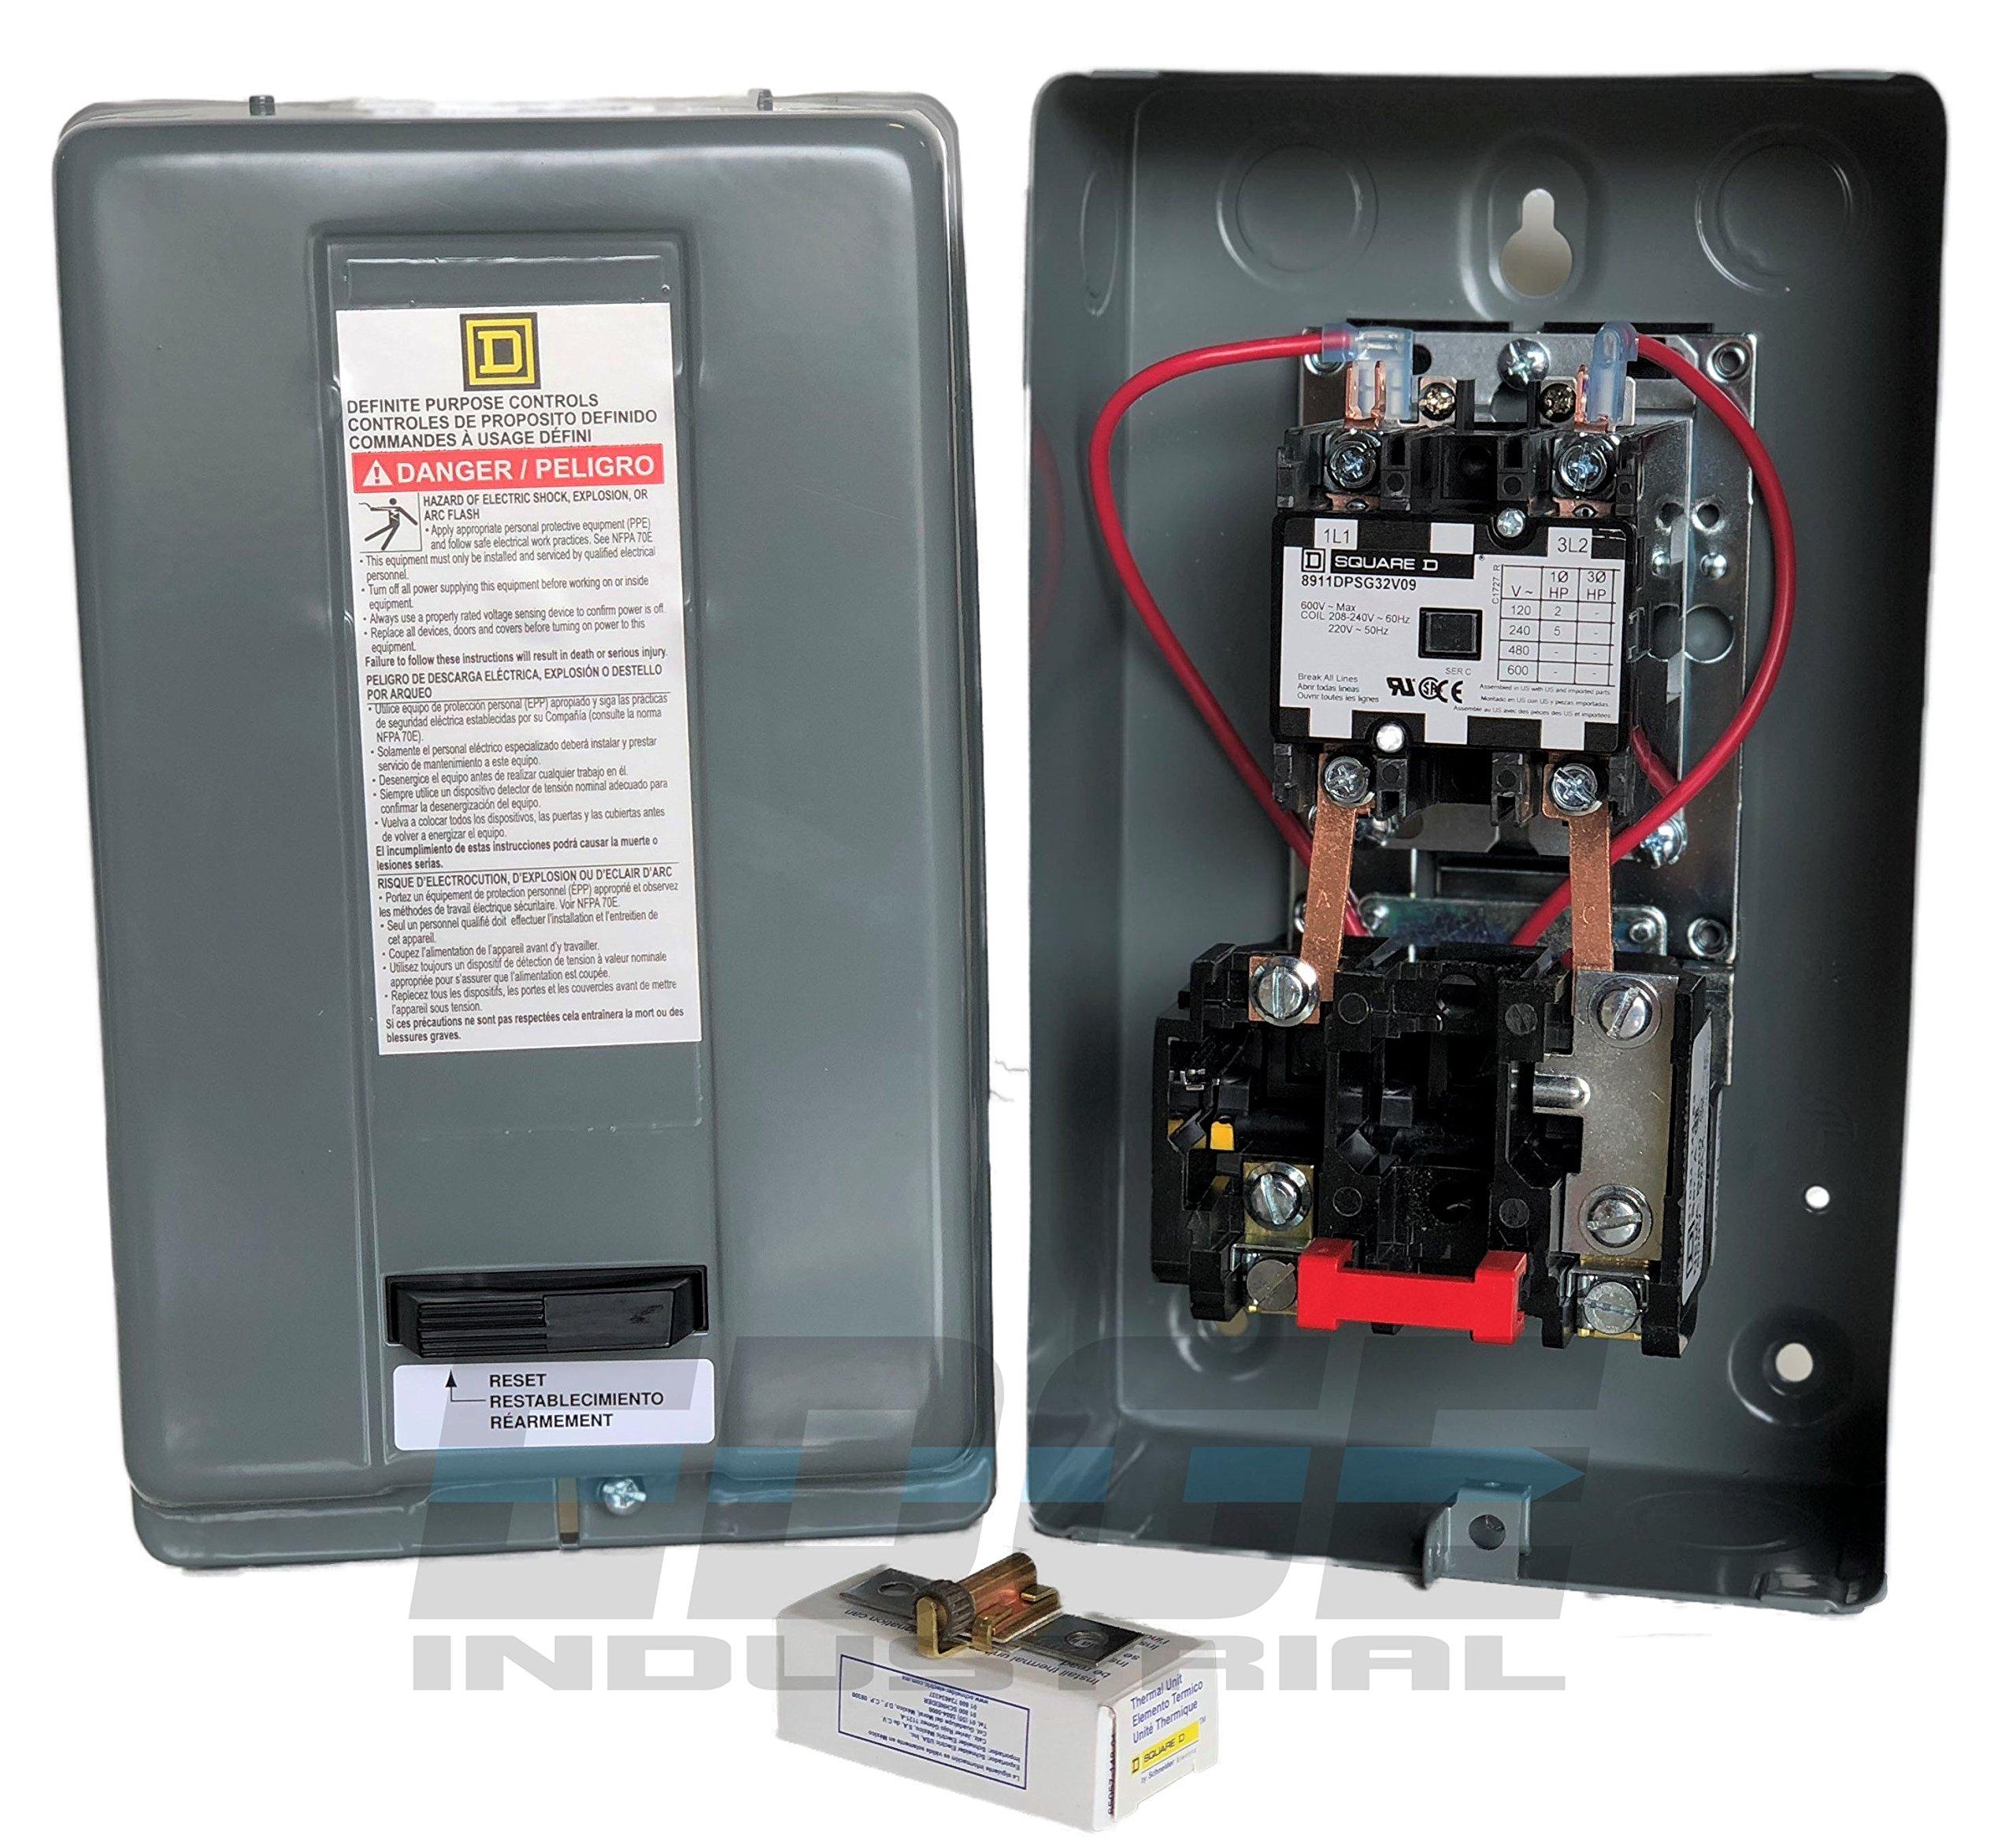 5HP 1-Phase 230V Definite Purpose Motor Starter for Electric Motor from SQUARE D, Model 8911DPSG32V09, 8911DPSO32V09